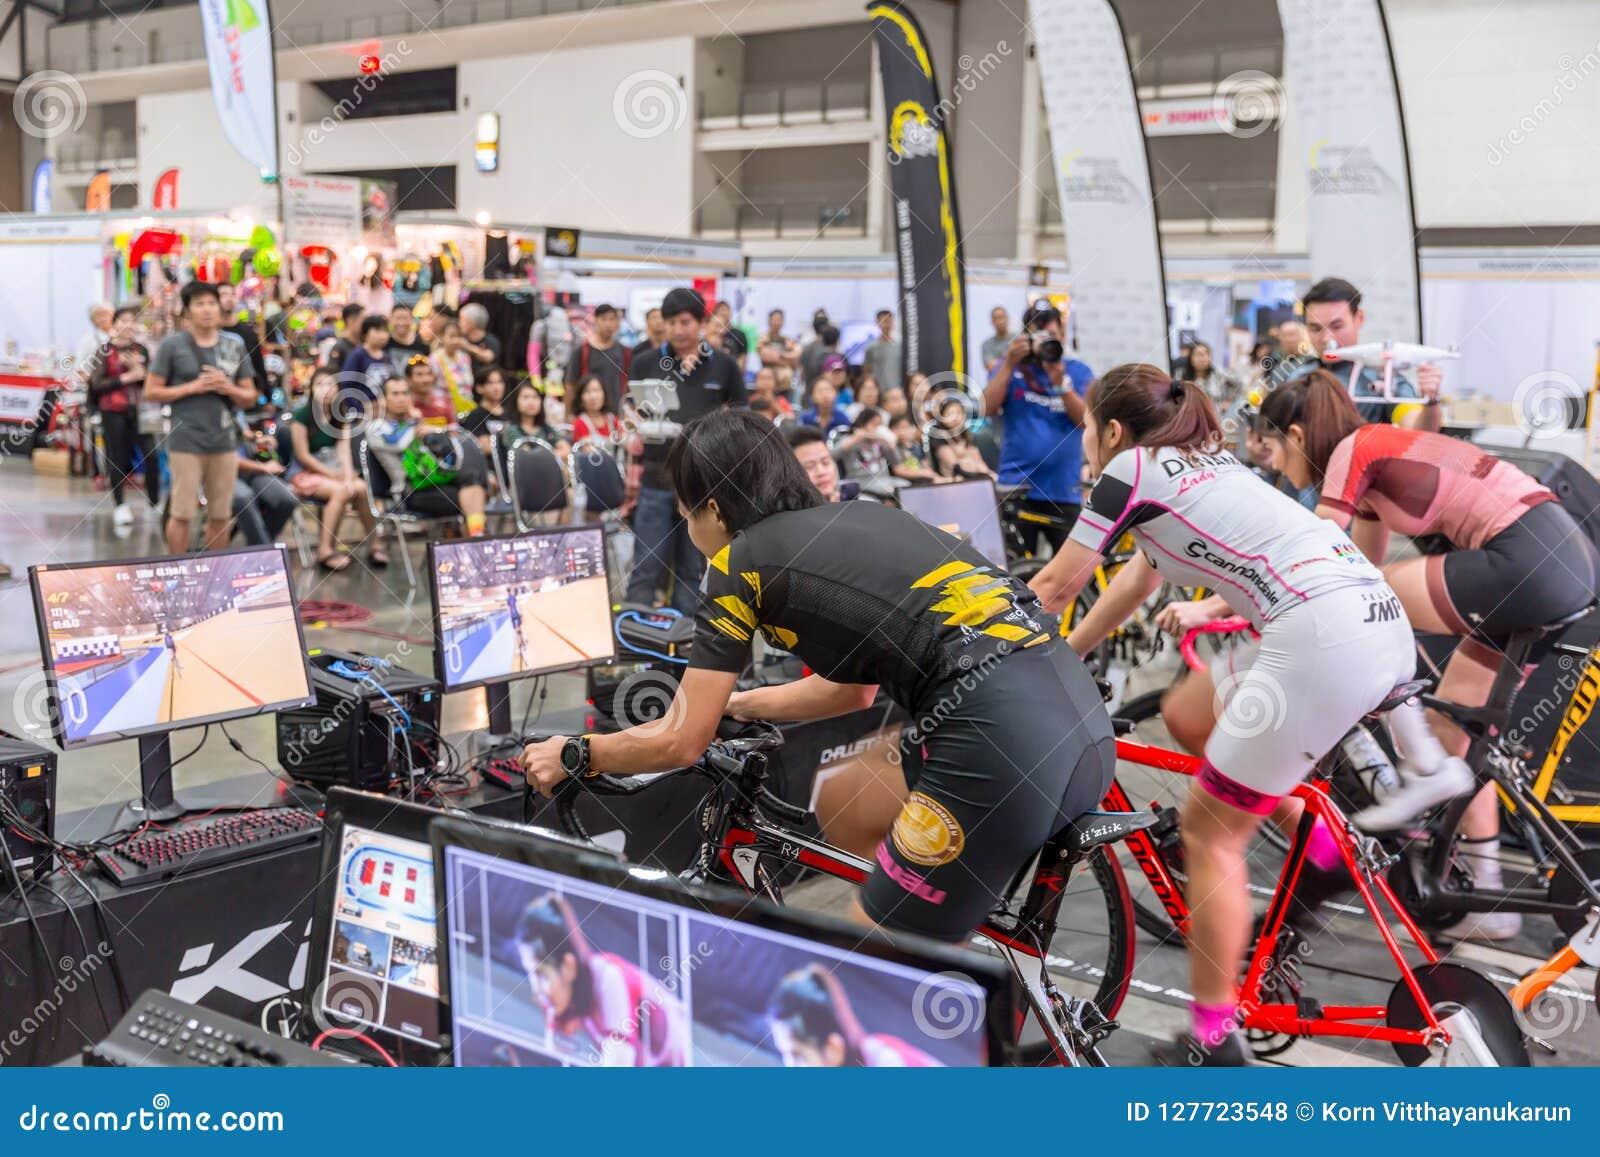 Гонки онлайн на велосипедах игры стрелялки скачать онлайн бесплатно торрент